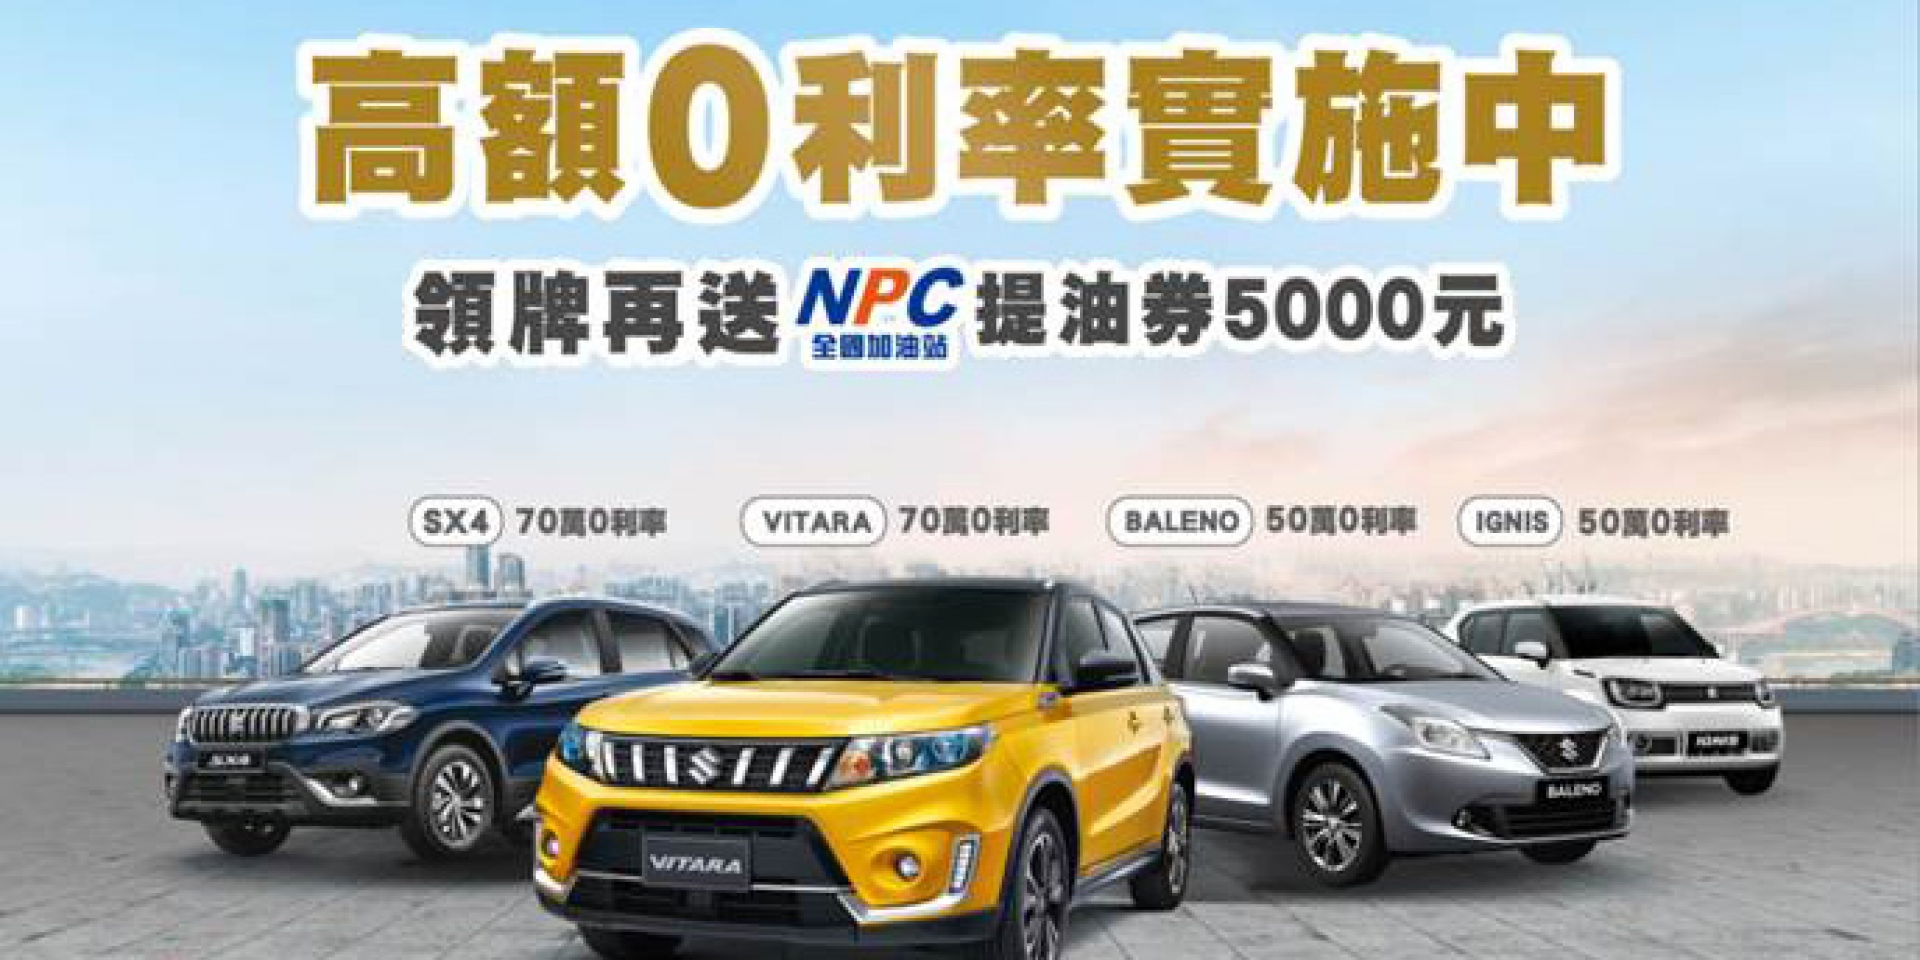 官方新聞稿。SUZUKI雙喜臨門賀新春  購車即享高額0利率,領牌再送5千元加油金